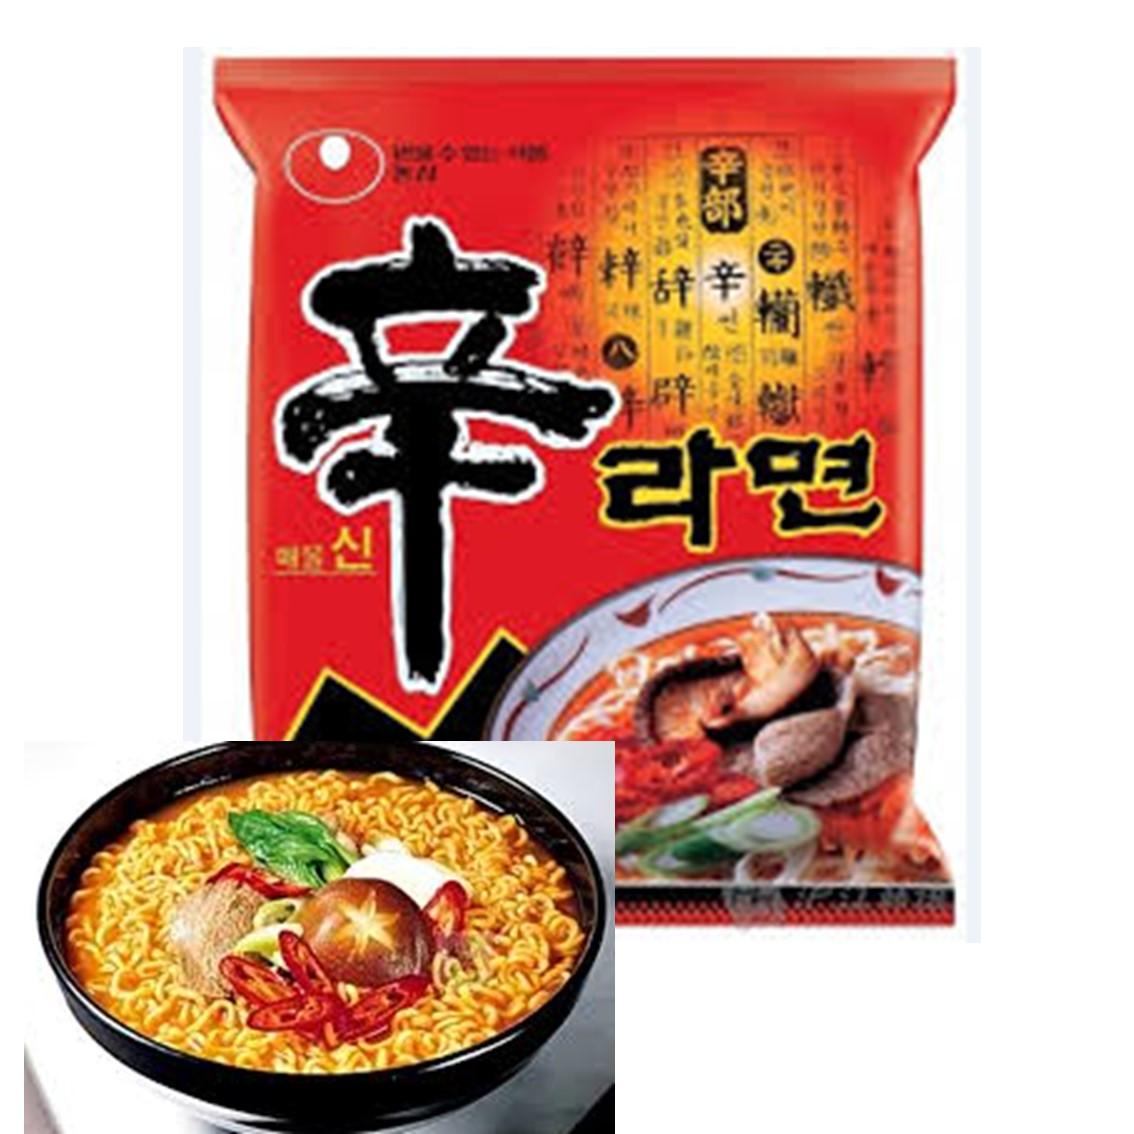 韓國農心辛拉麵泡麵  1包入 【樂活生活館】